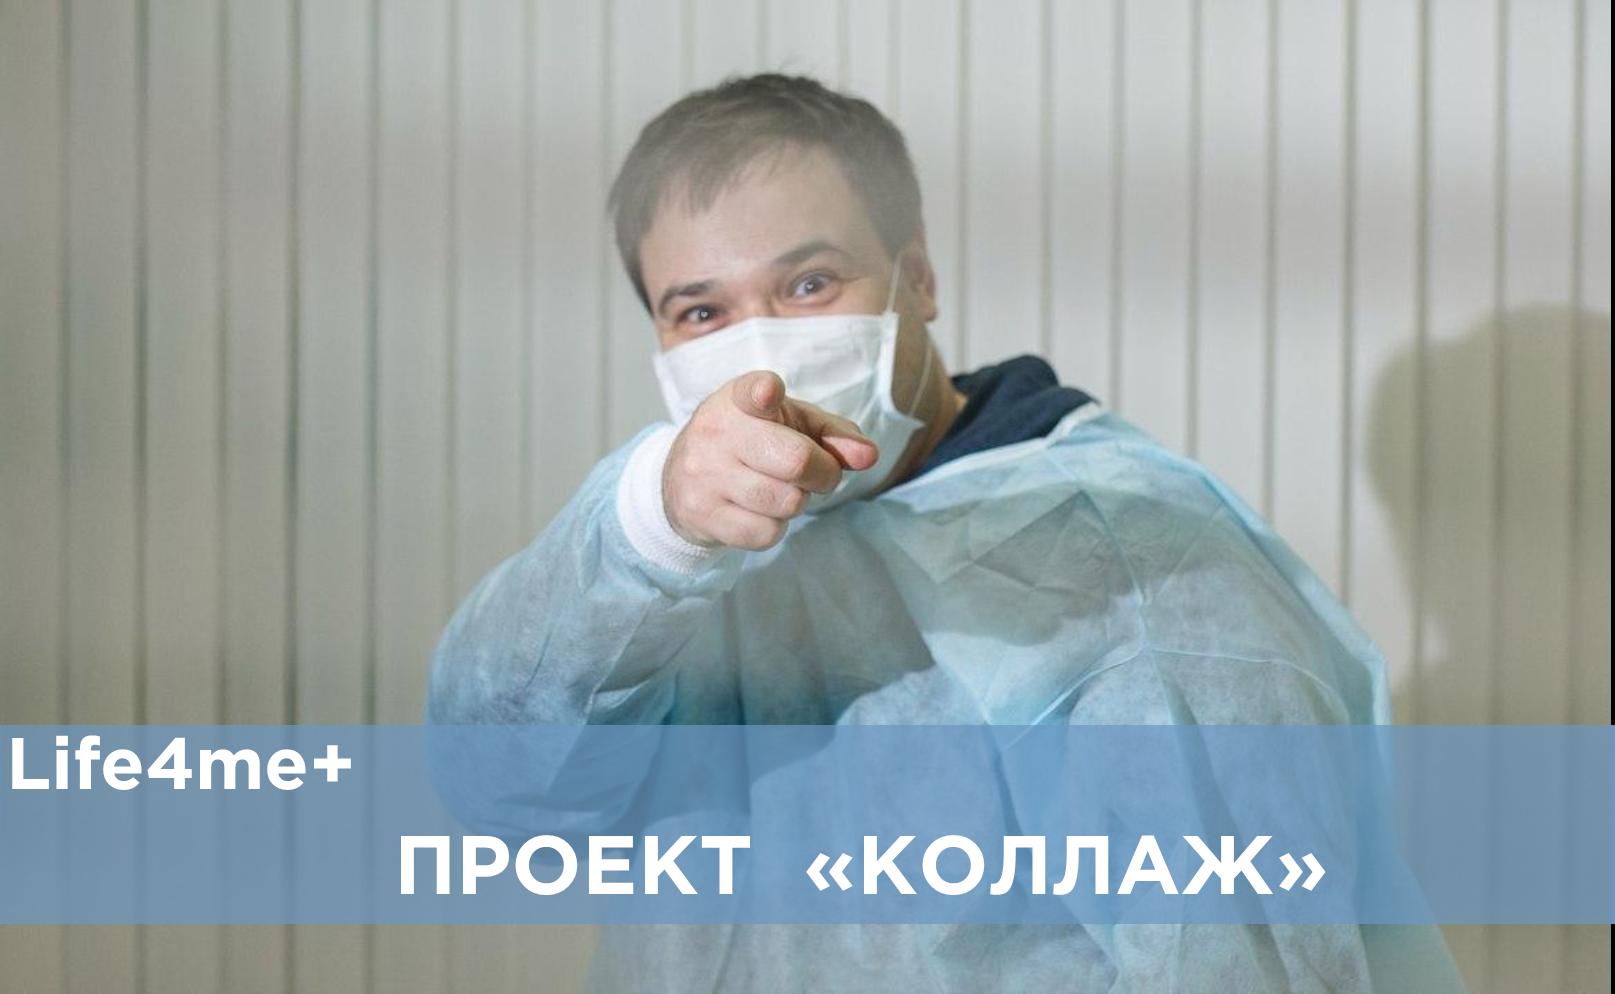 «Коллаж»: Иван Садыхов, «Чтобы жить», Екатеринбург